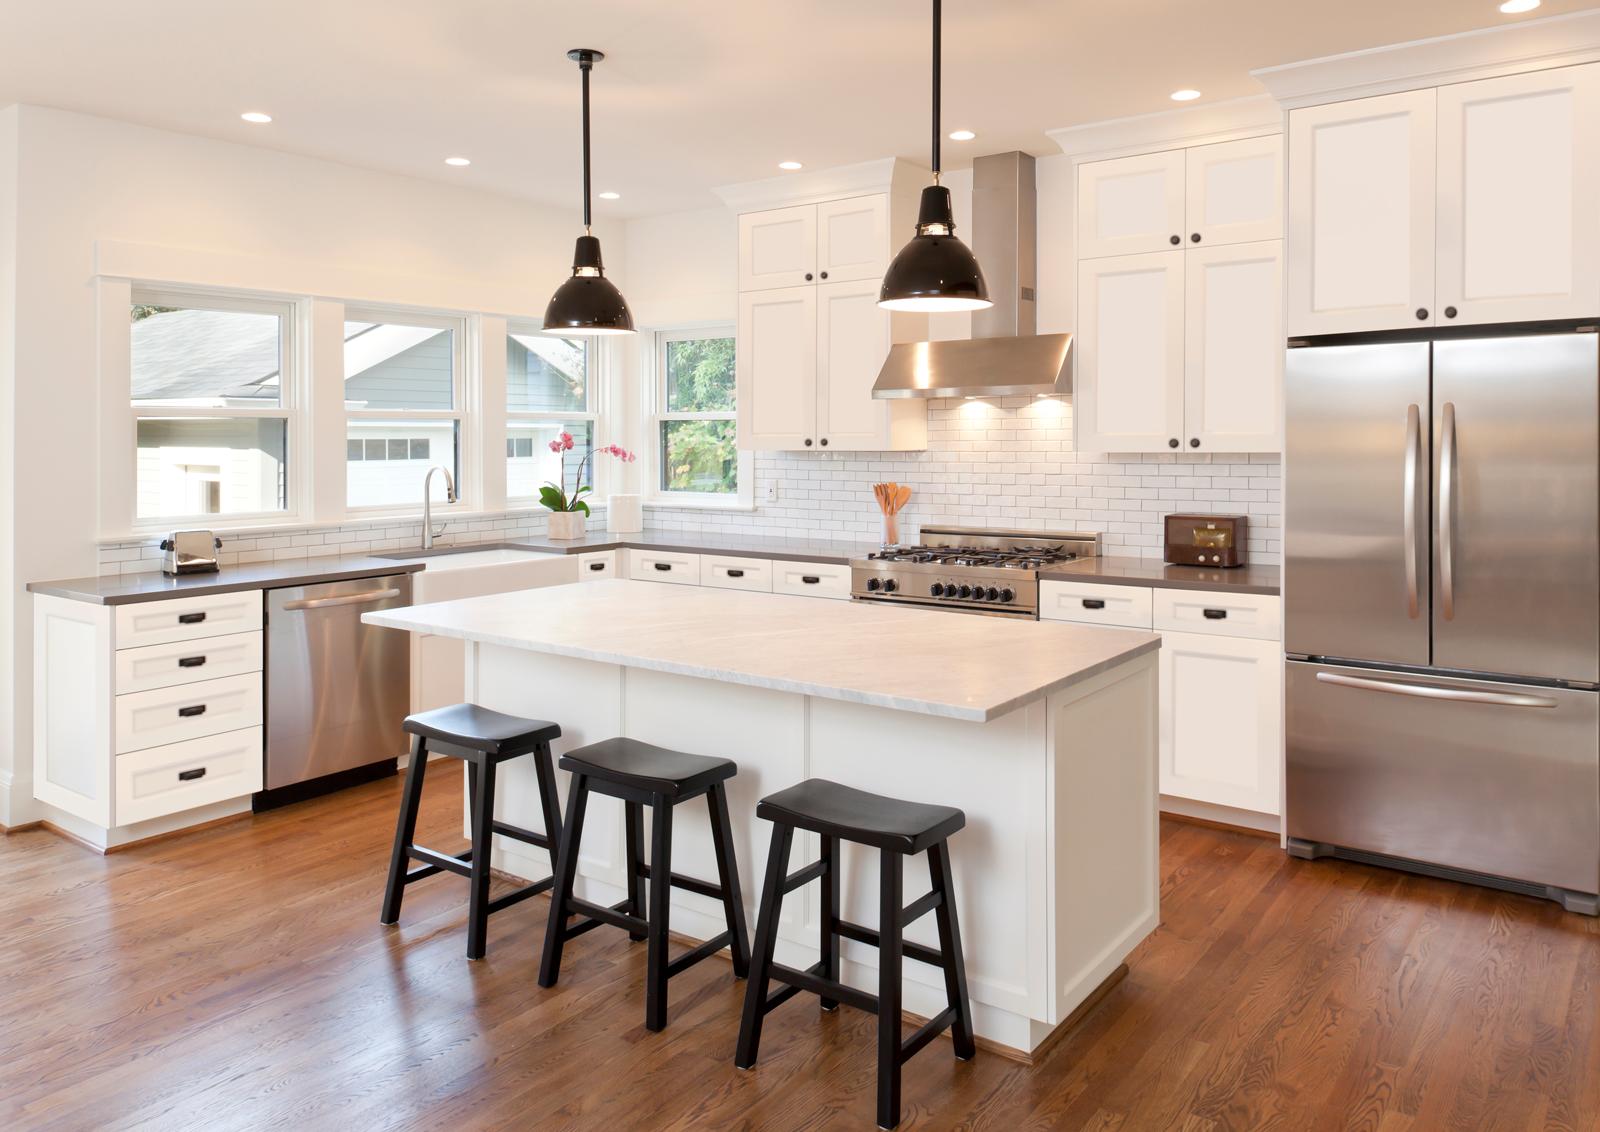 Impression series Elegance Shaker White Kitchen